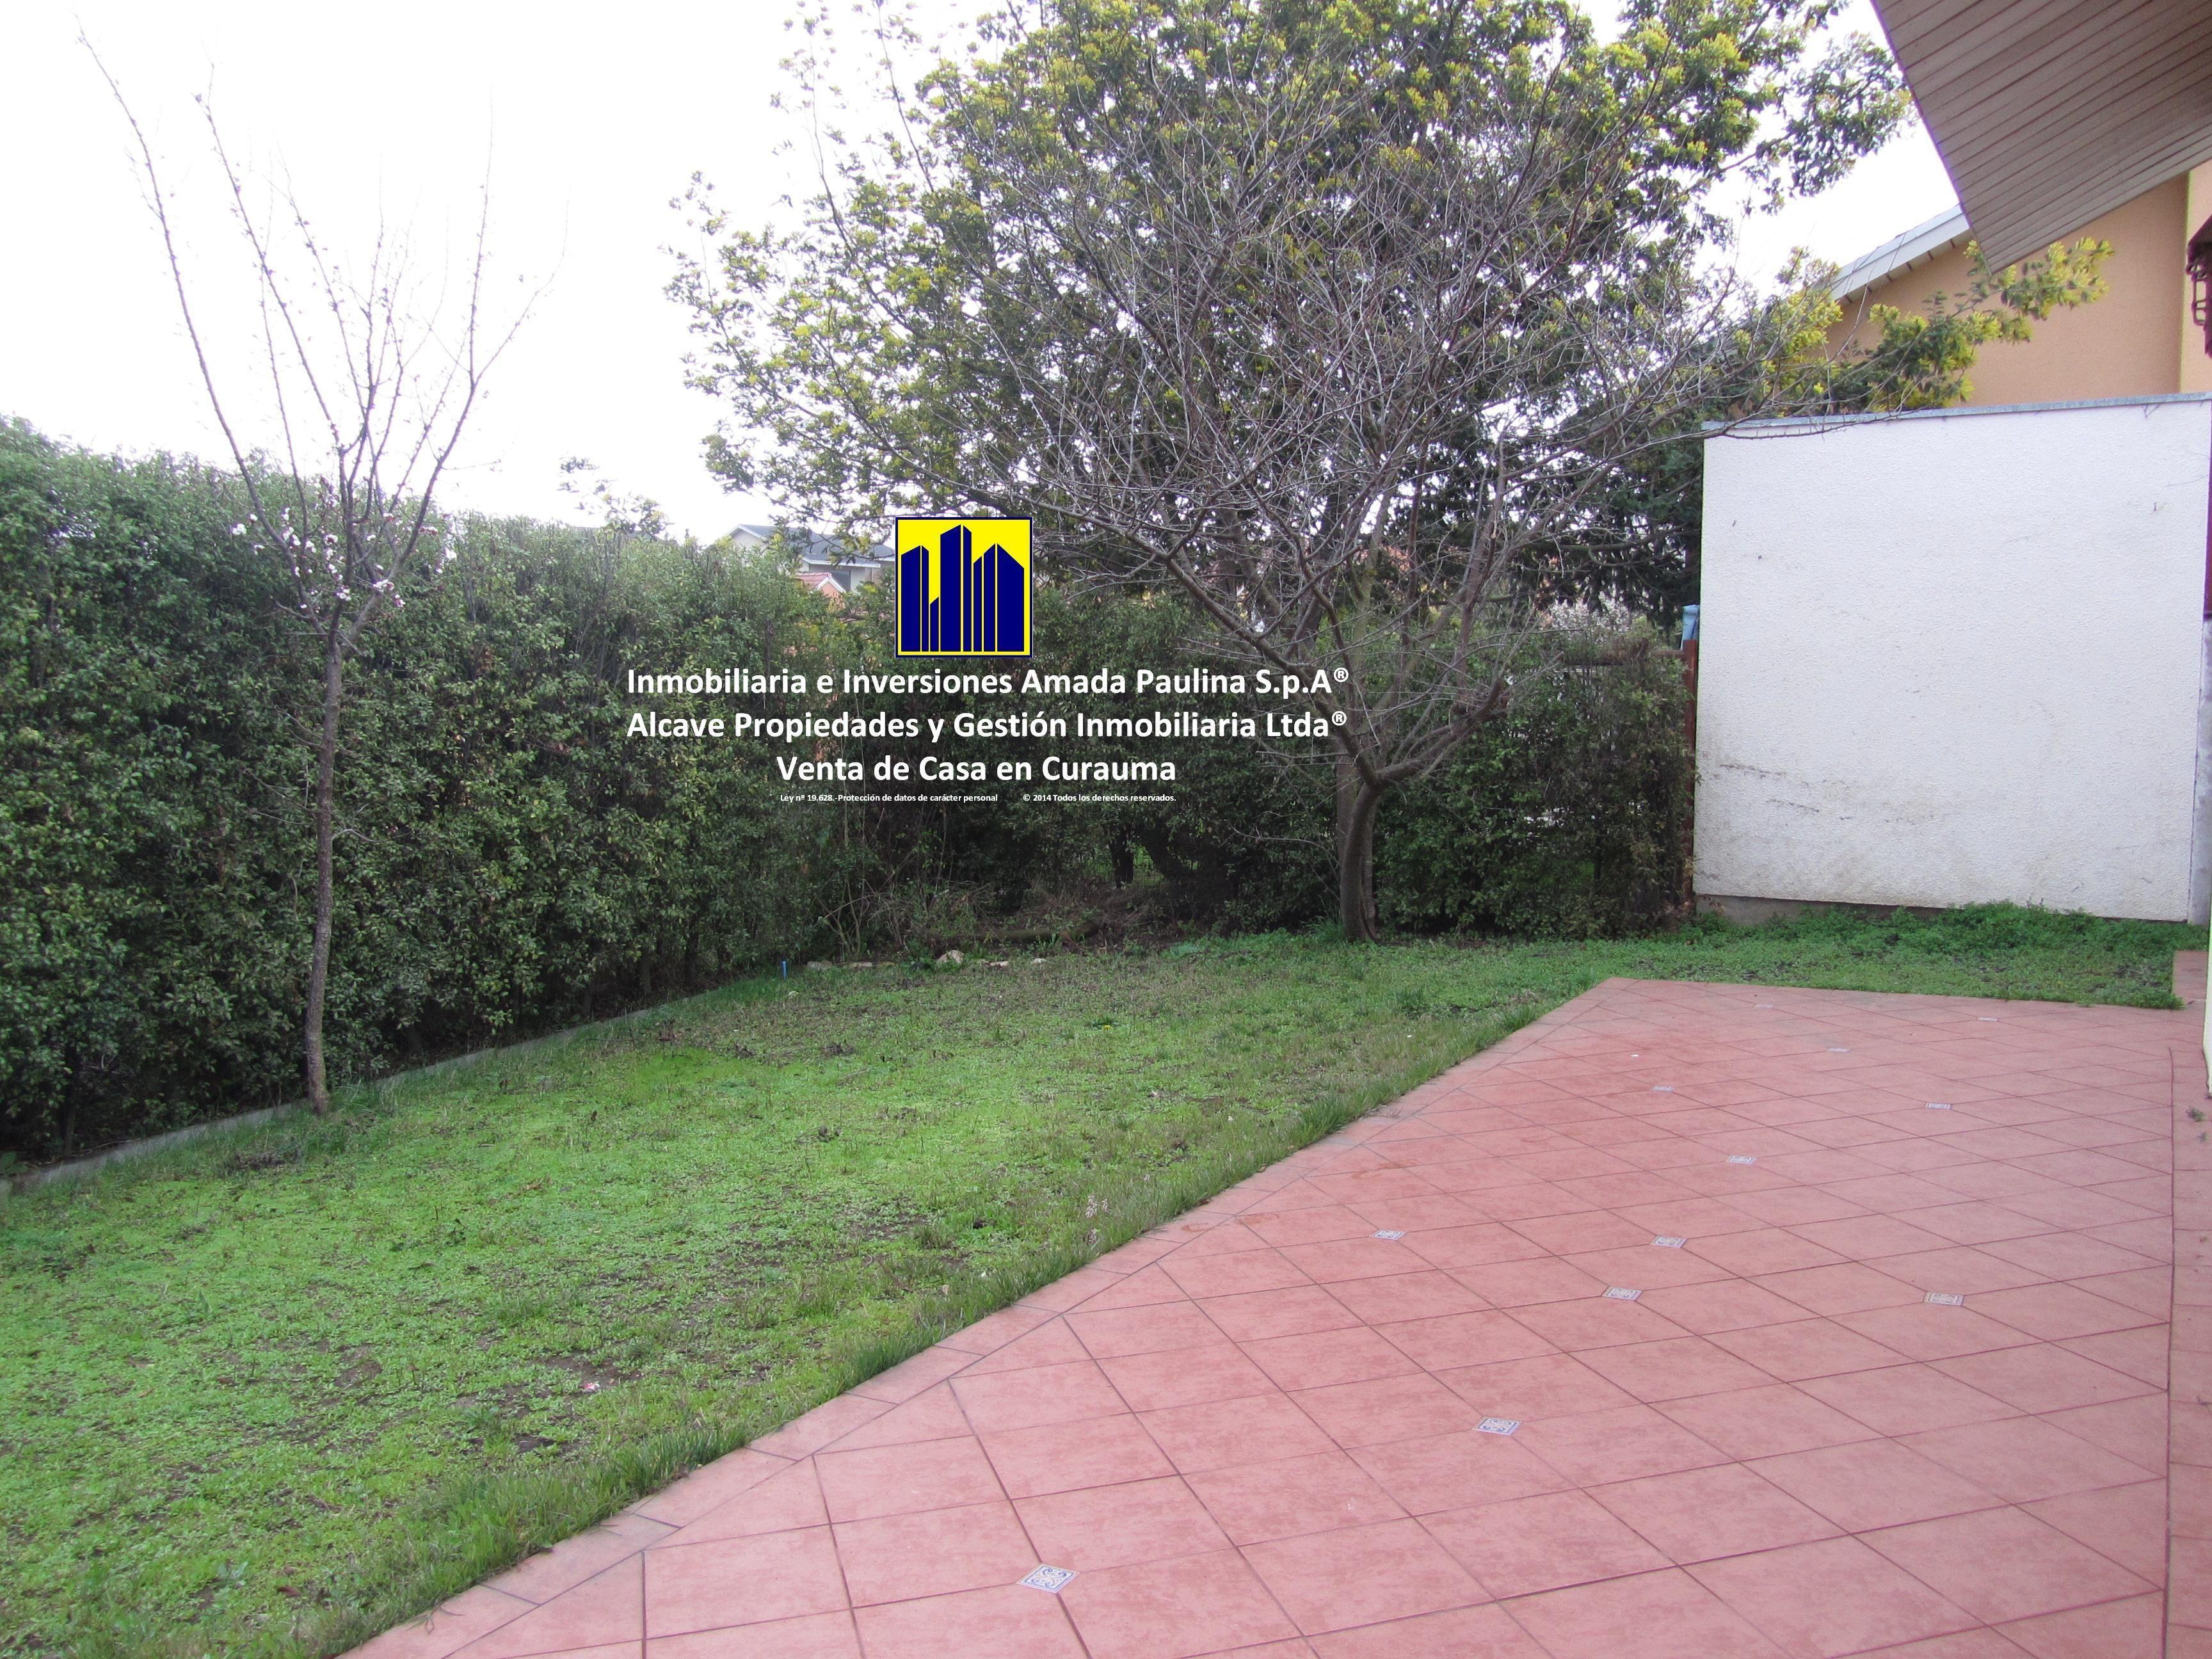 23.-Inmobiliaria e Inversiones Amada Paulina S.p.A® Alcave Propiedades y Gestión Inmobiliaria Ltda®                   Venta de Casa en Curauma